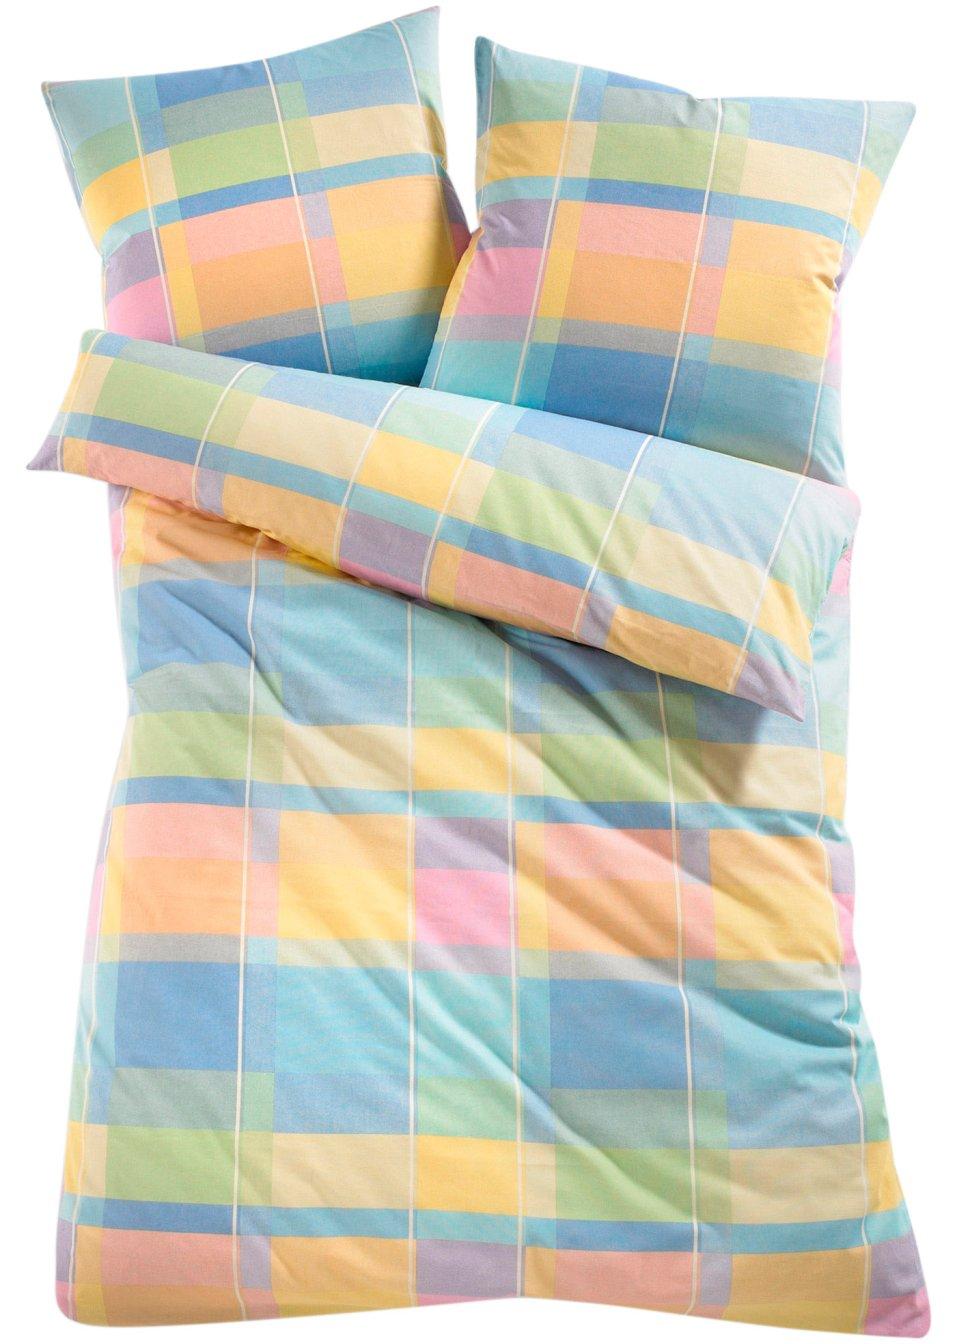 parure de lit pascale pastel bpc living commande online. Black Bedroom Furniture Sets. Home Design Ideas